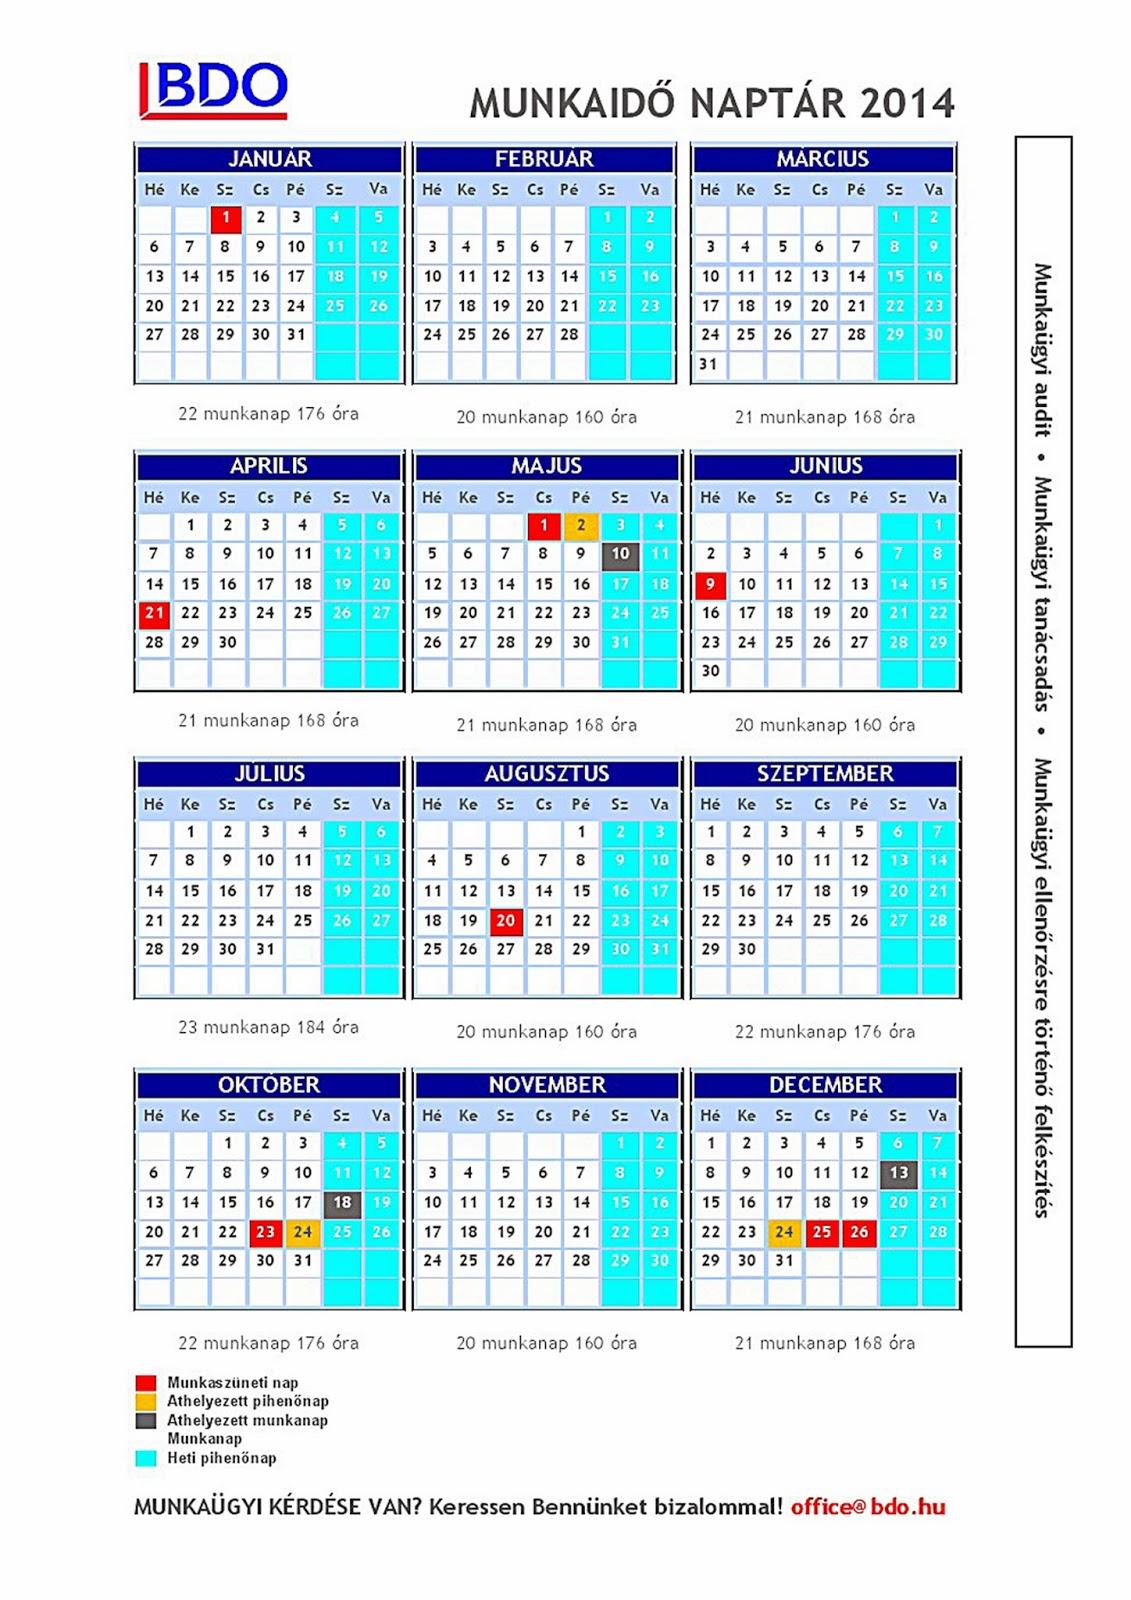 munkaidő naptár 2019 pdf 2017 Es Munkaidő Naptár   MuzicaDL munkaidő naptár 2019 pdf